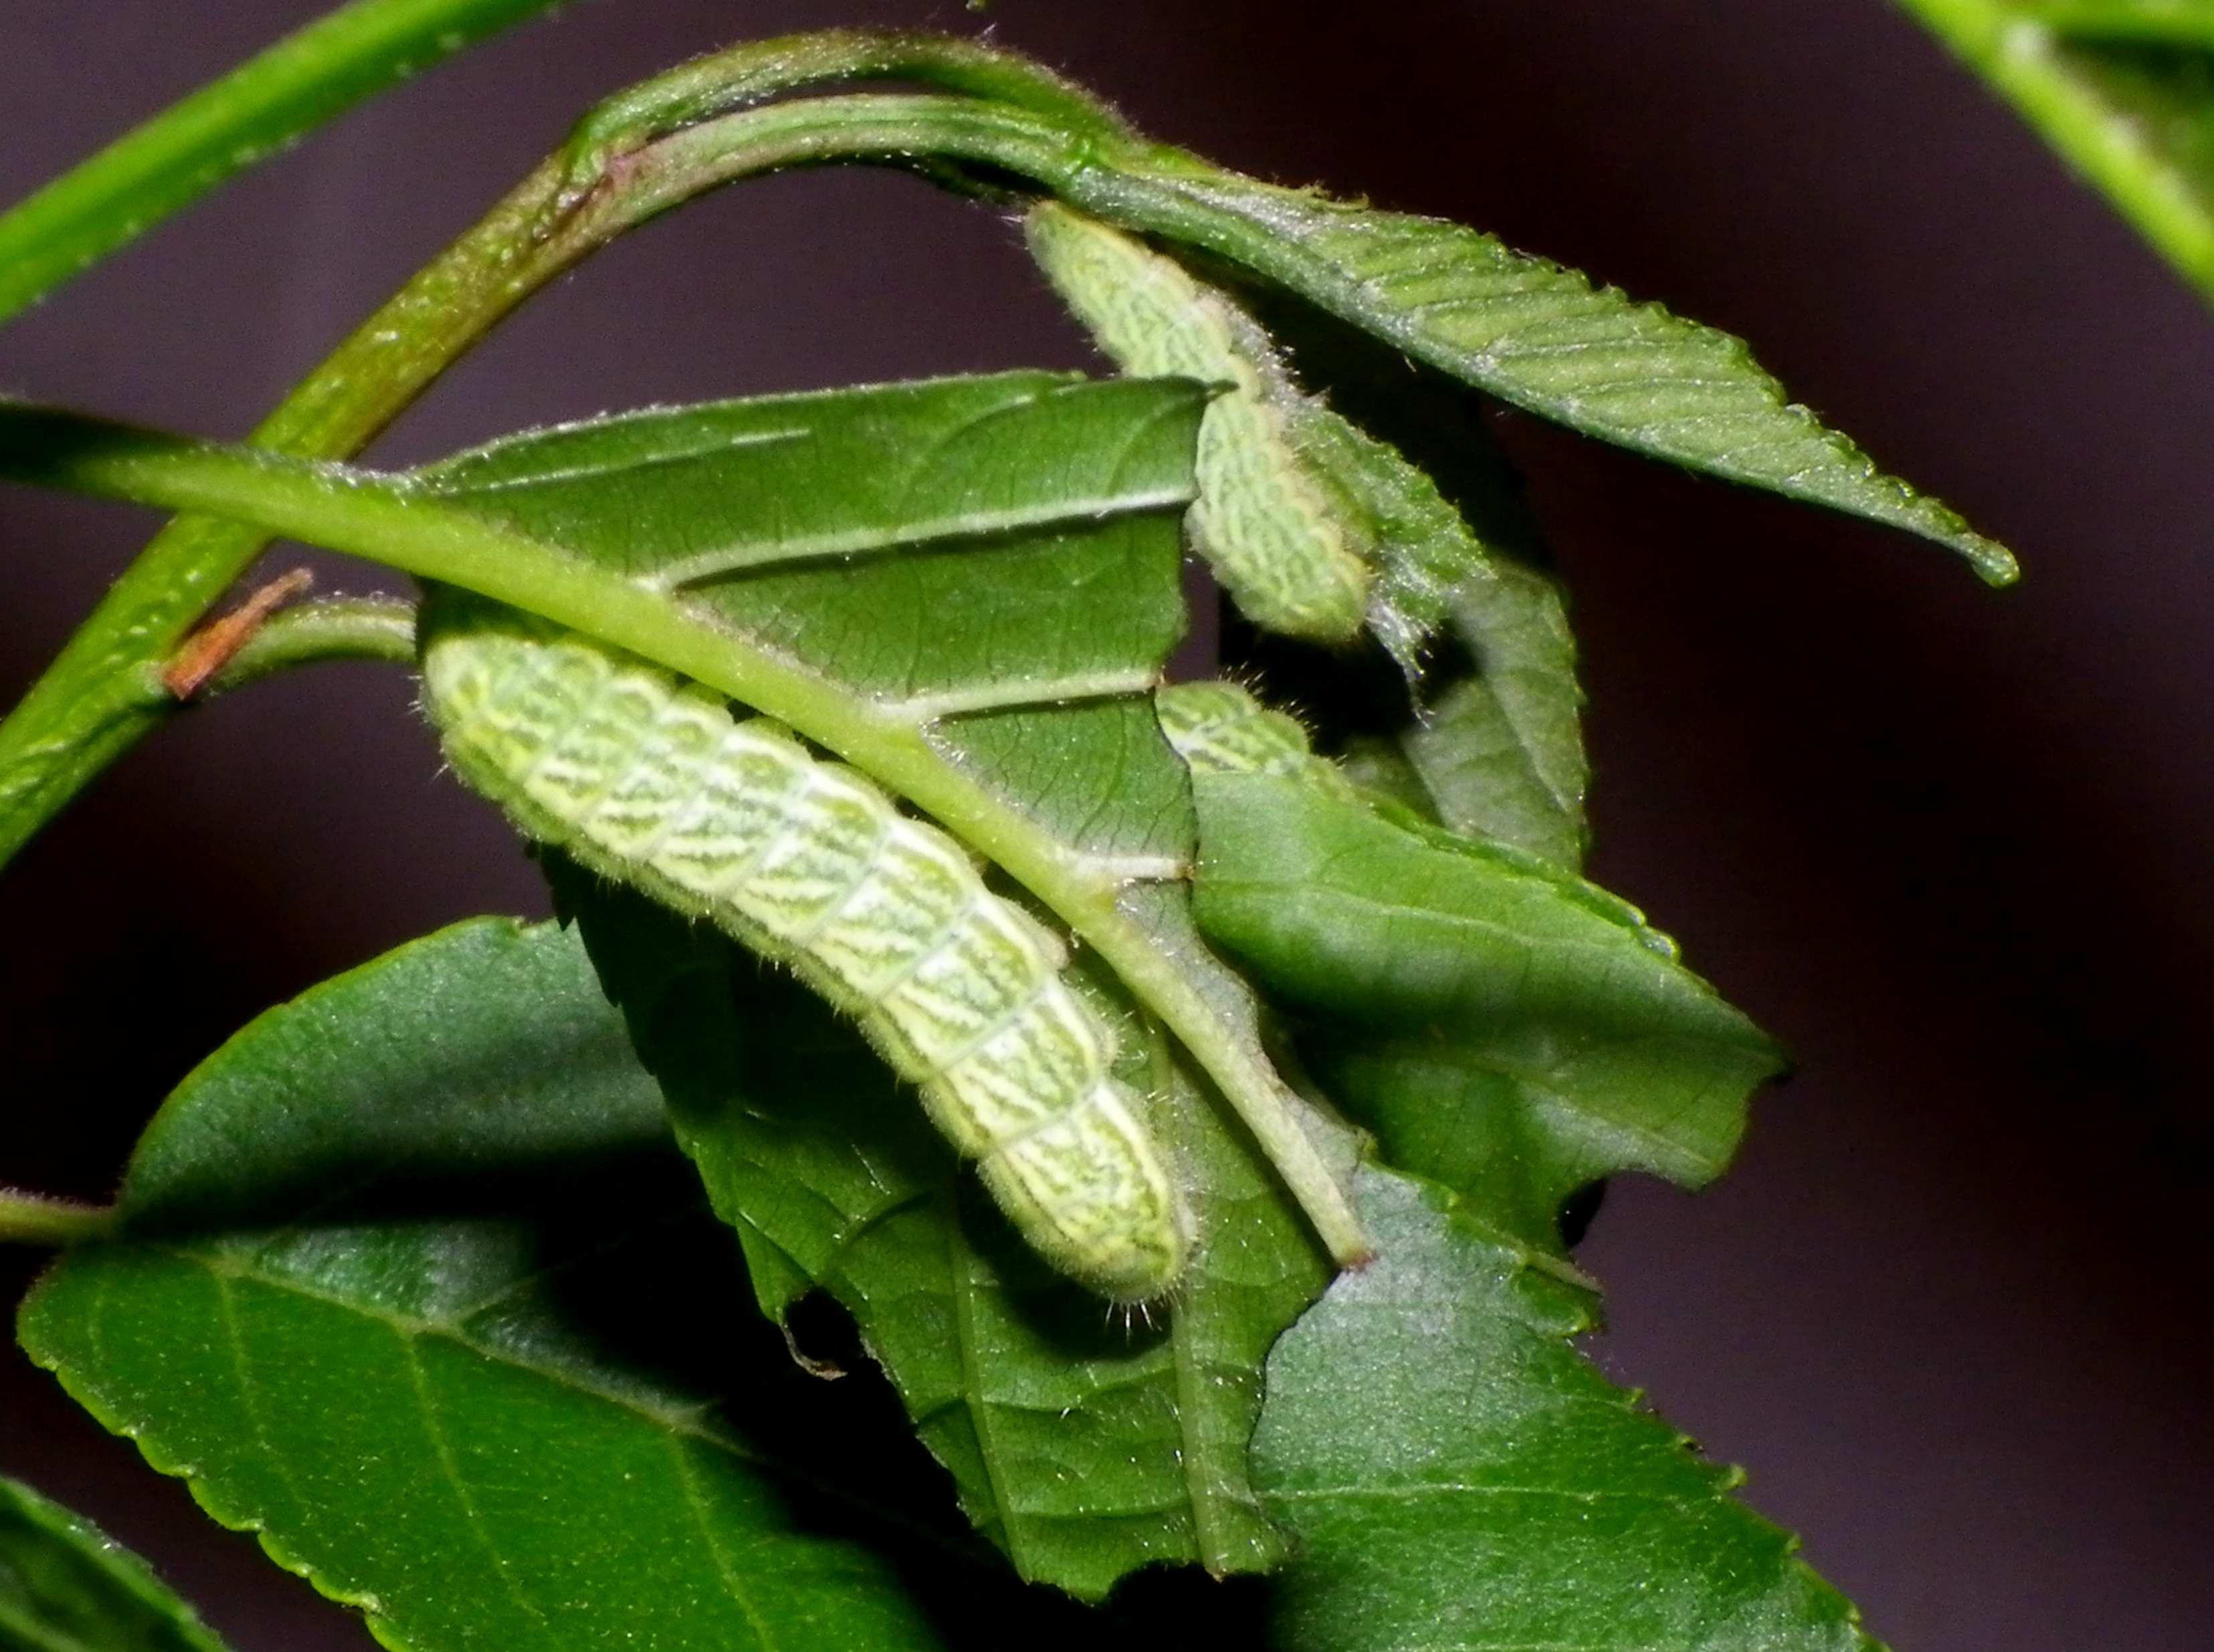 ミドリシジミの幼虫他_d0254540_19191155.jpg